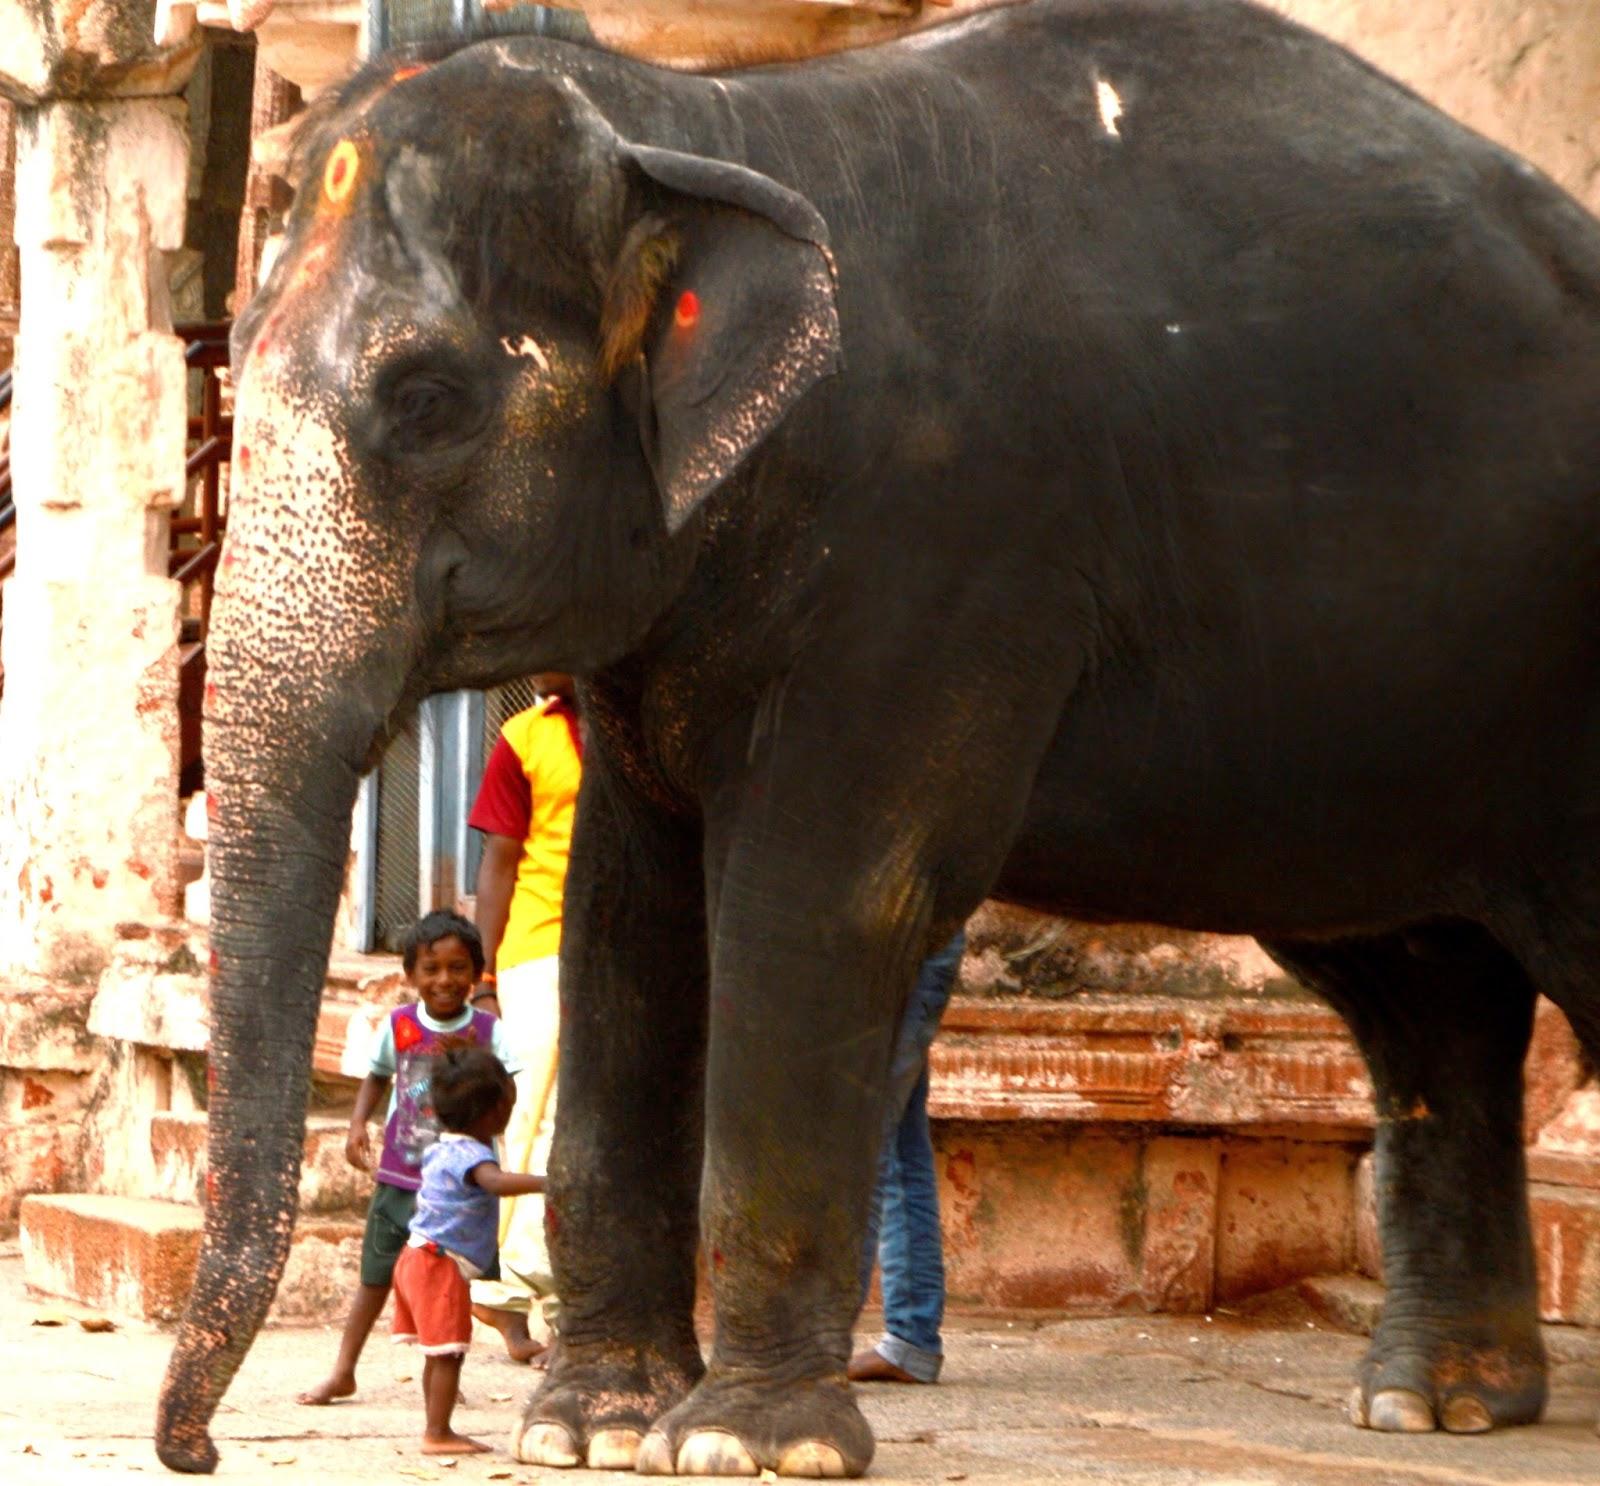 Imagen de niño junto a elefante en Hampi